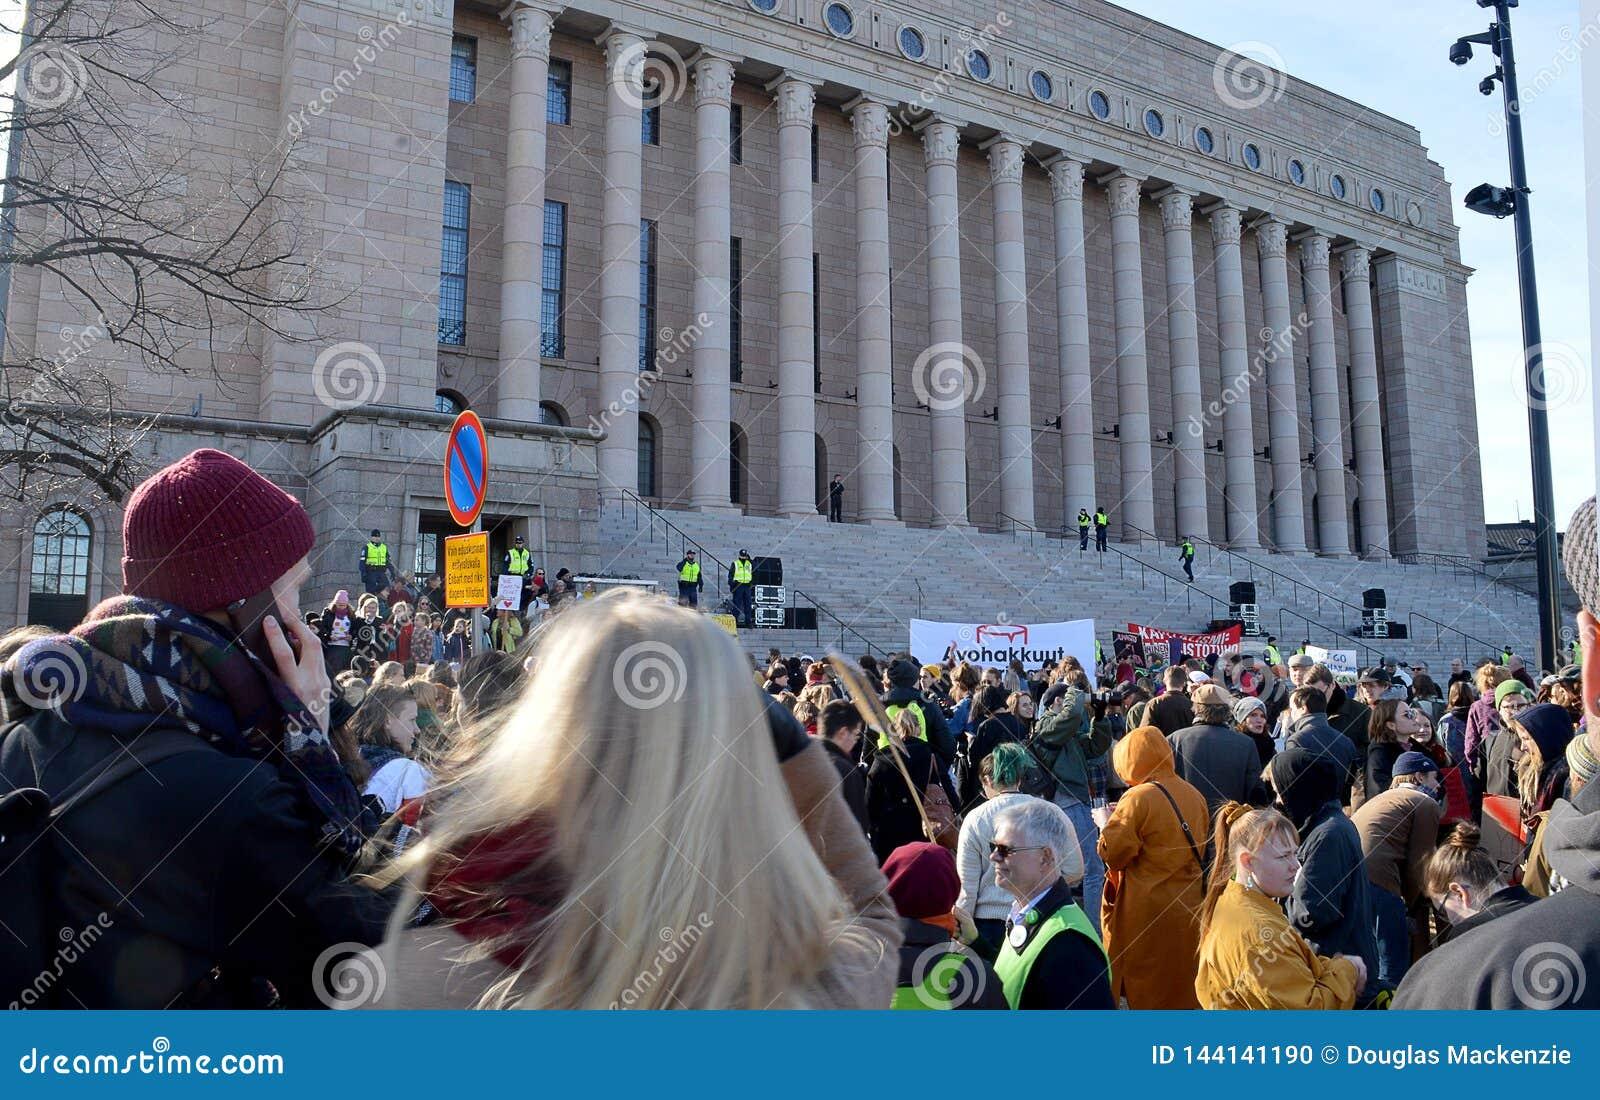 Protestuje przeciw rządowej bierności na zmiana klimatu, Helsinki, Finlandia